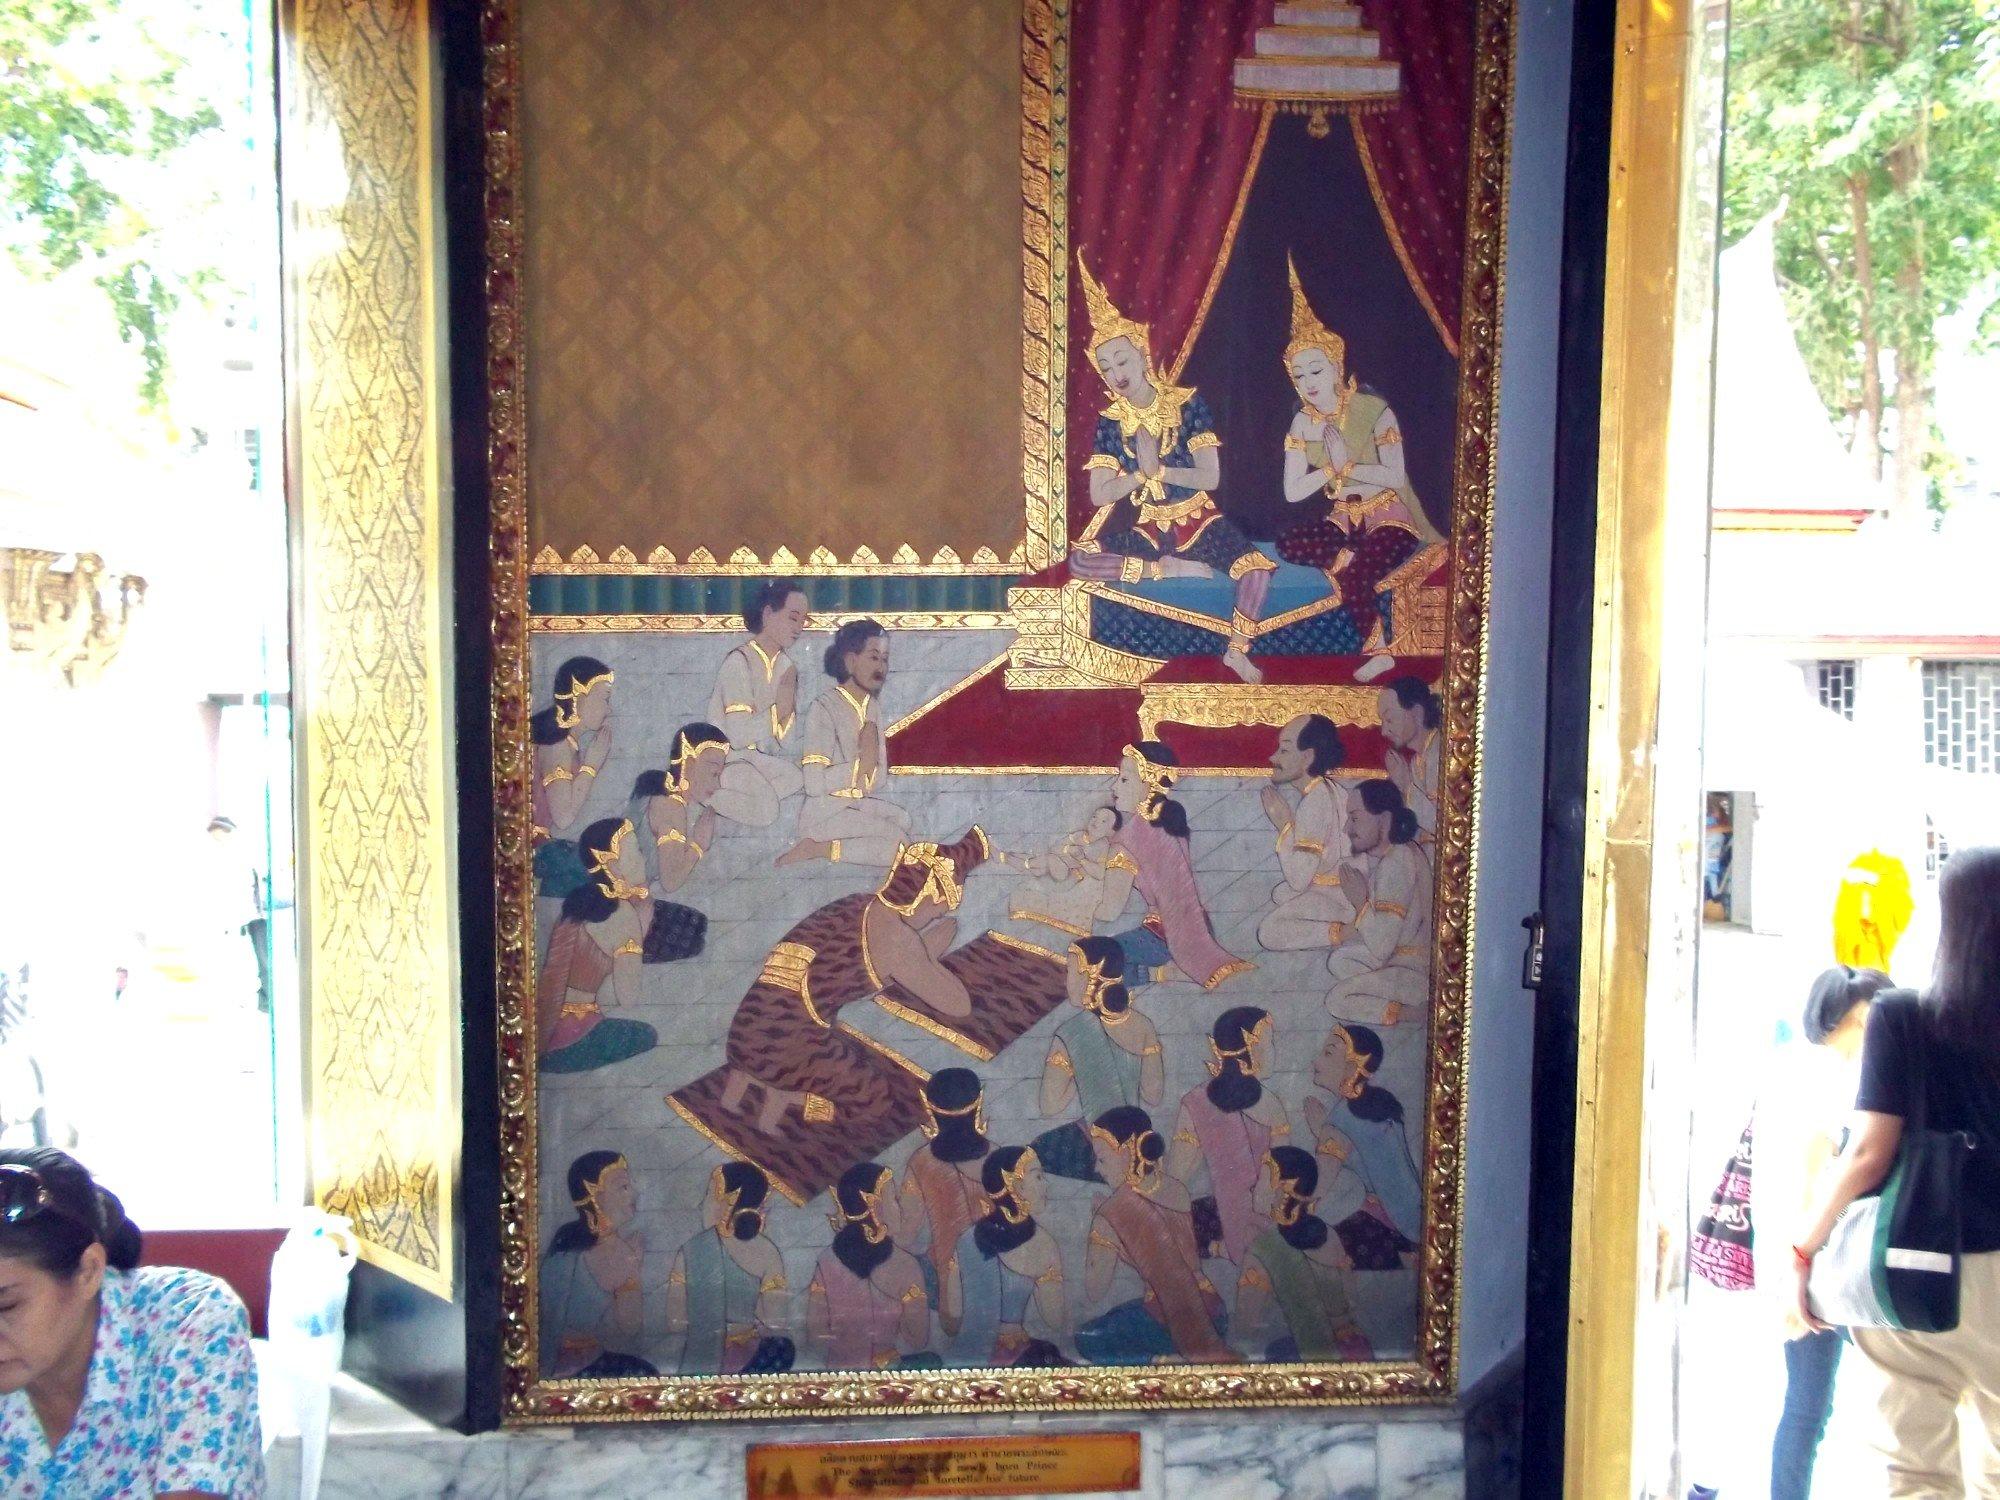 Wall mural at Wat Chana Songkhram